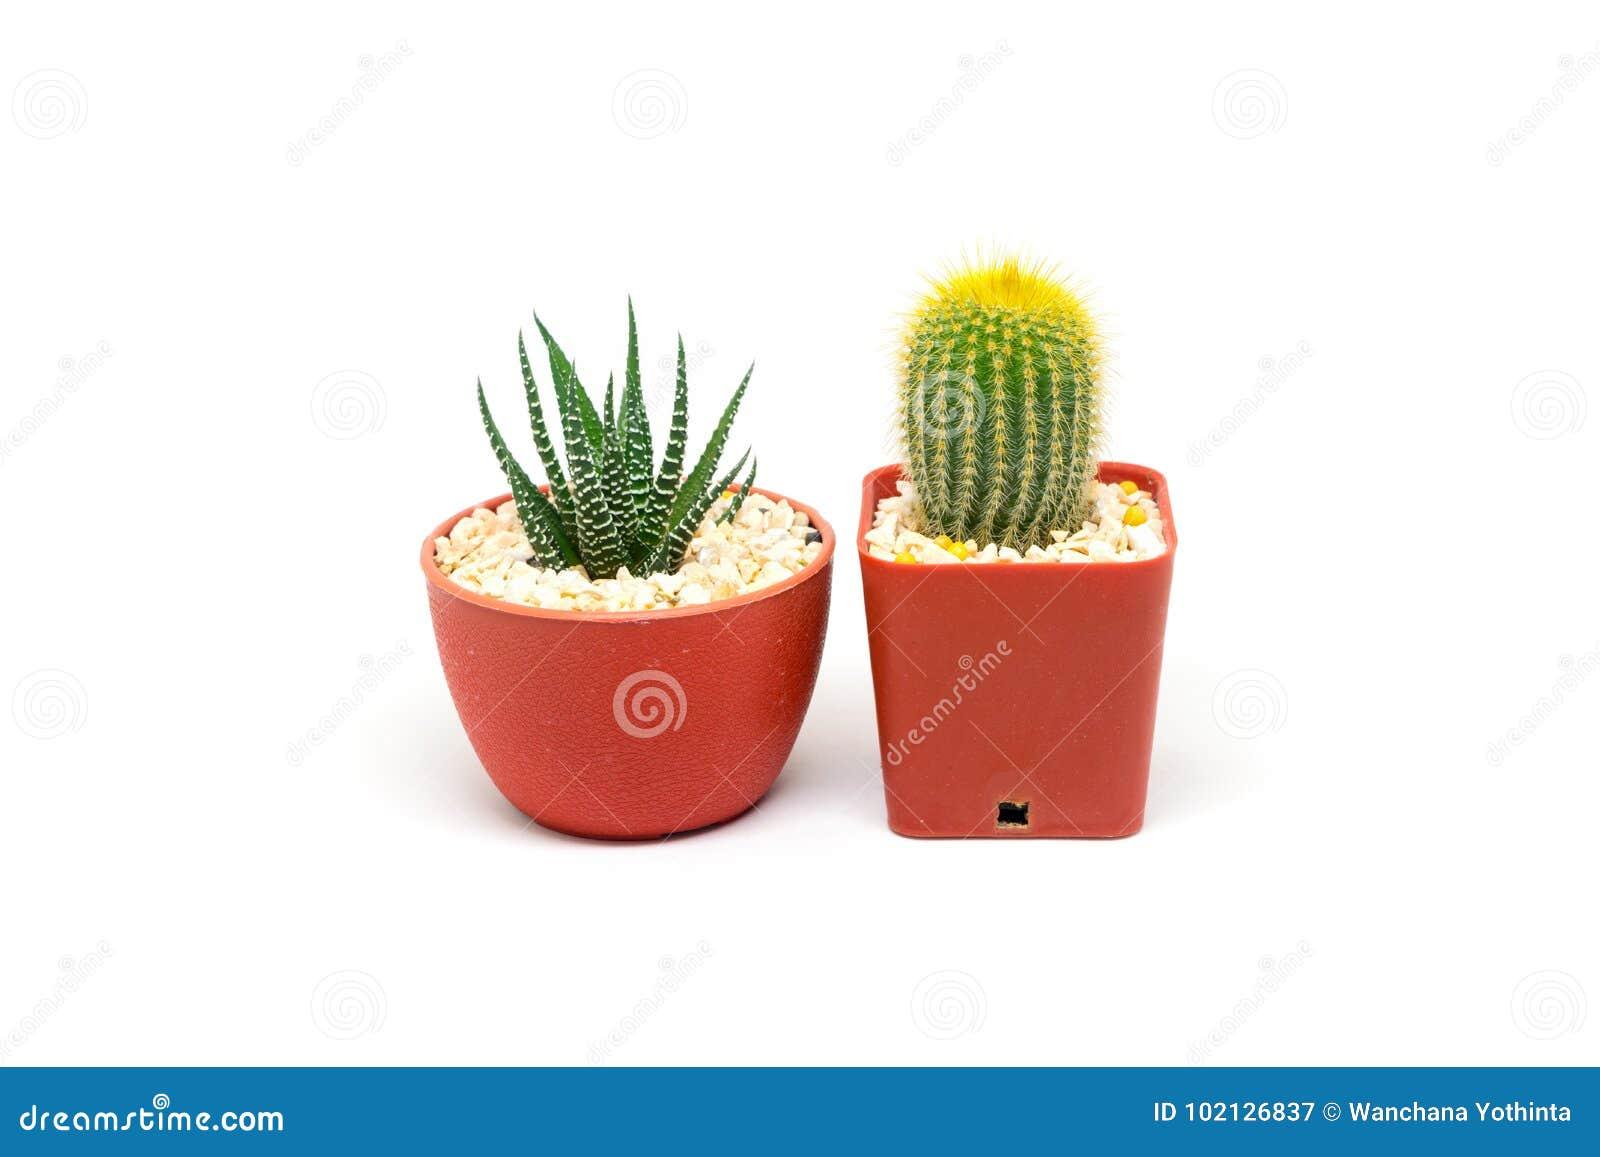 Cactus aislado en el fondo blanco, leninghausii de Notocactus y